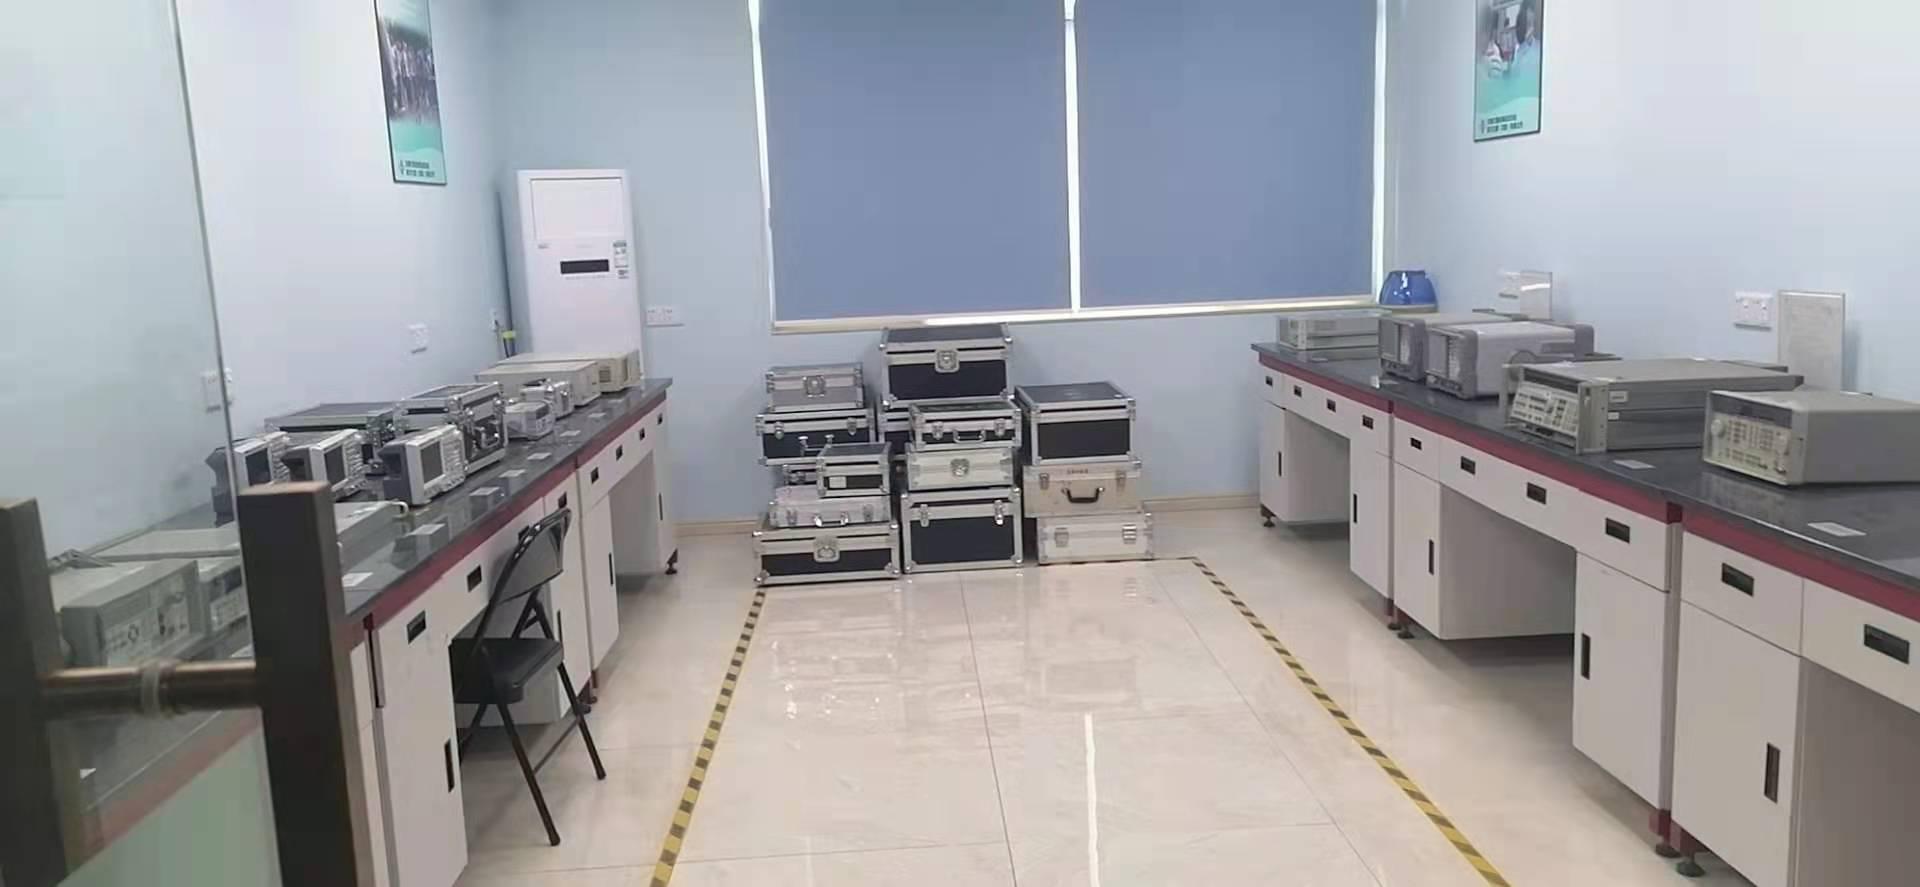 广州海珠测试设备计量校验